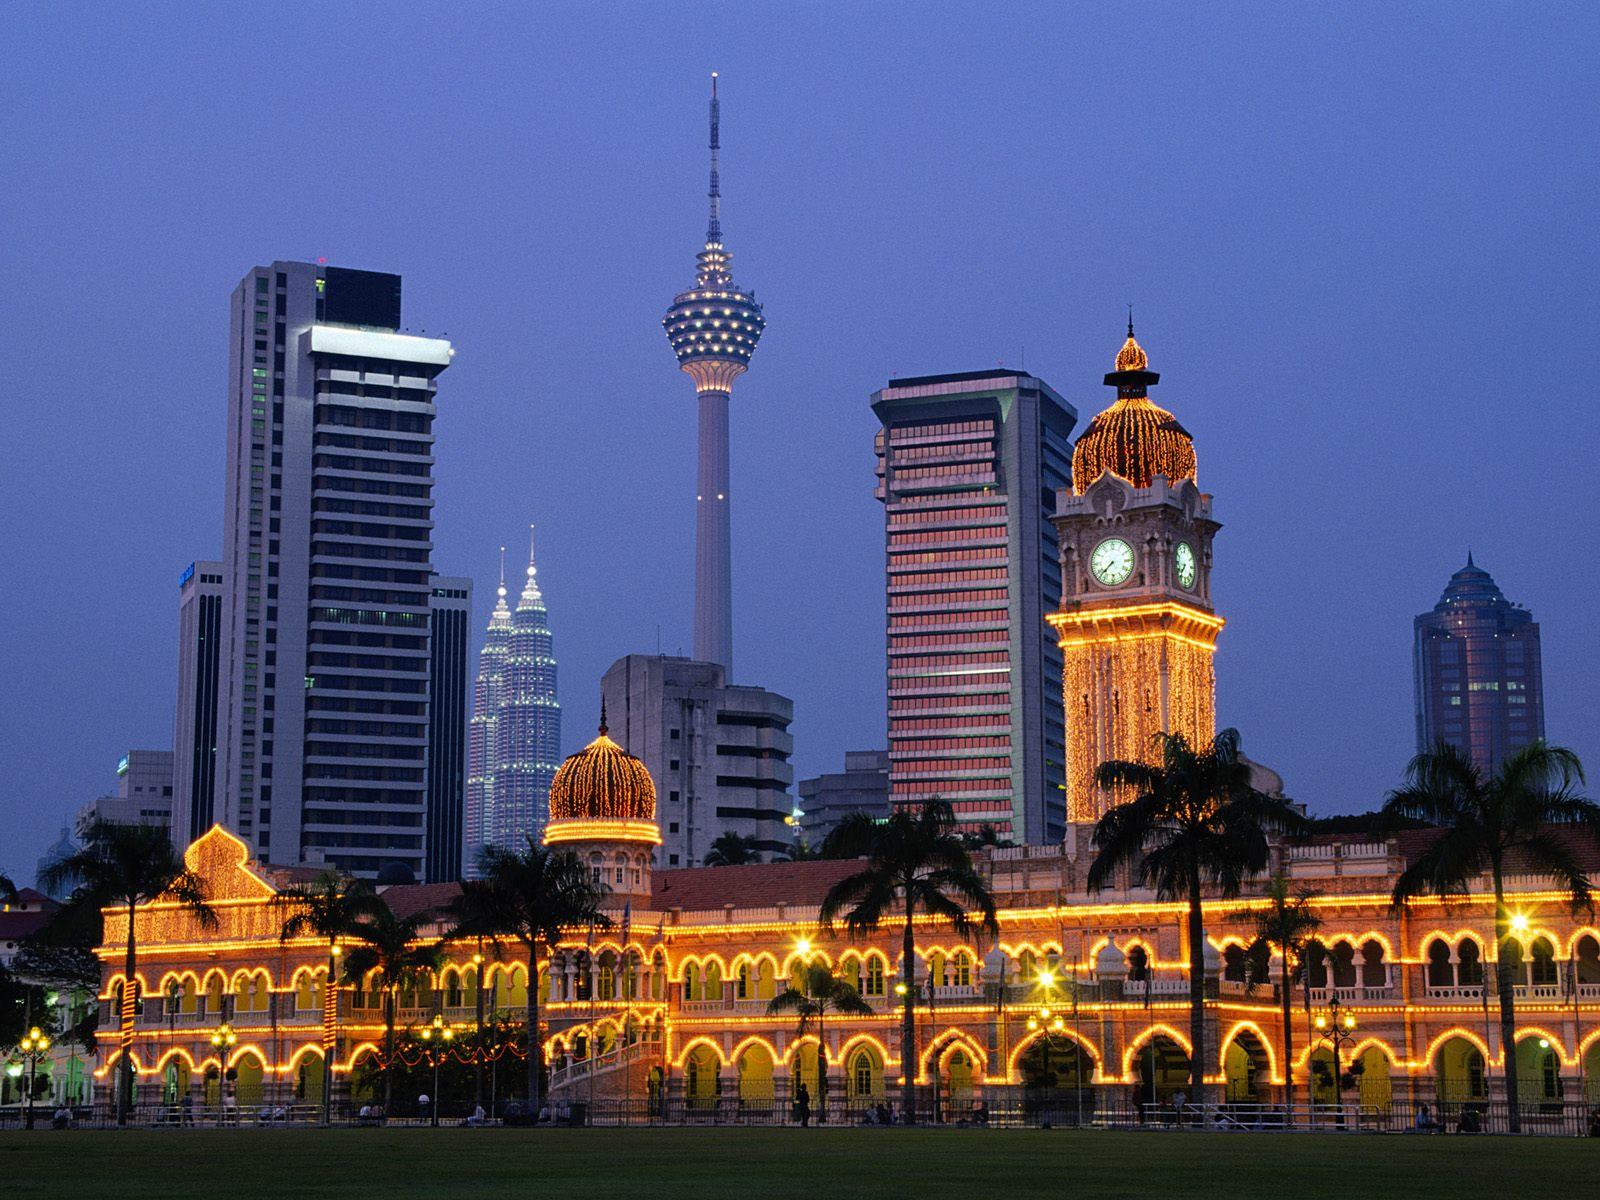 Достопримечательности малайзии фото с описанием